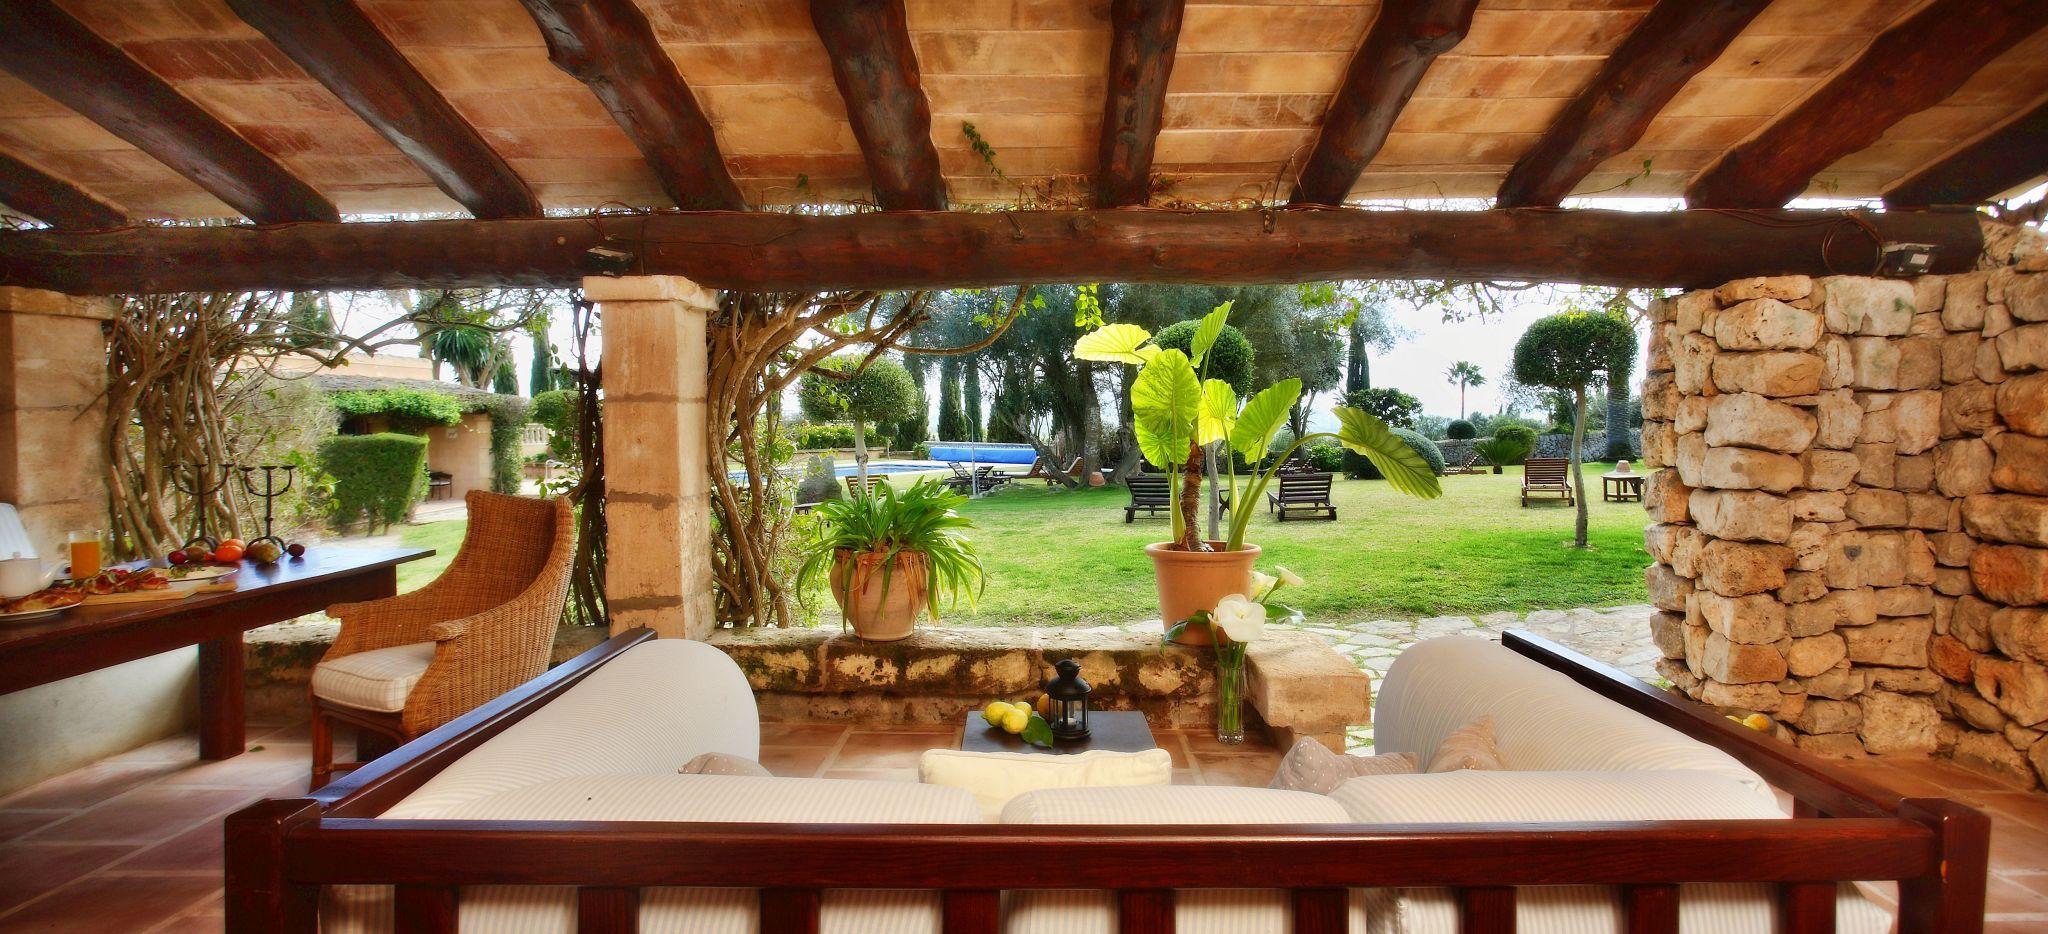 Eine Terrasse mit einer gemütlichen Couch und Blick auf einen mediterranen Garten